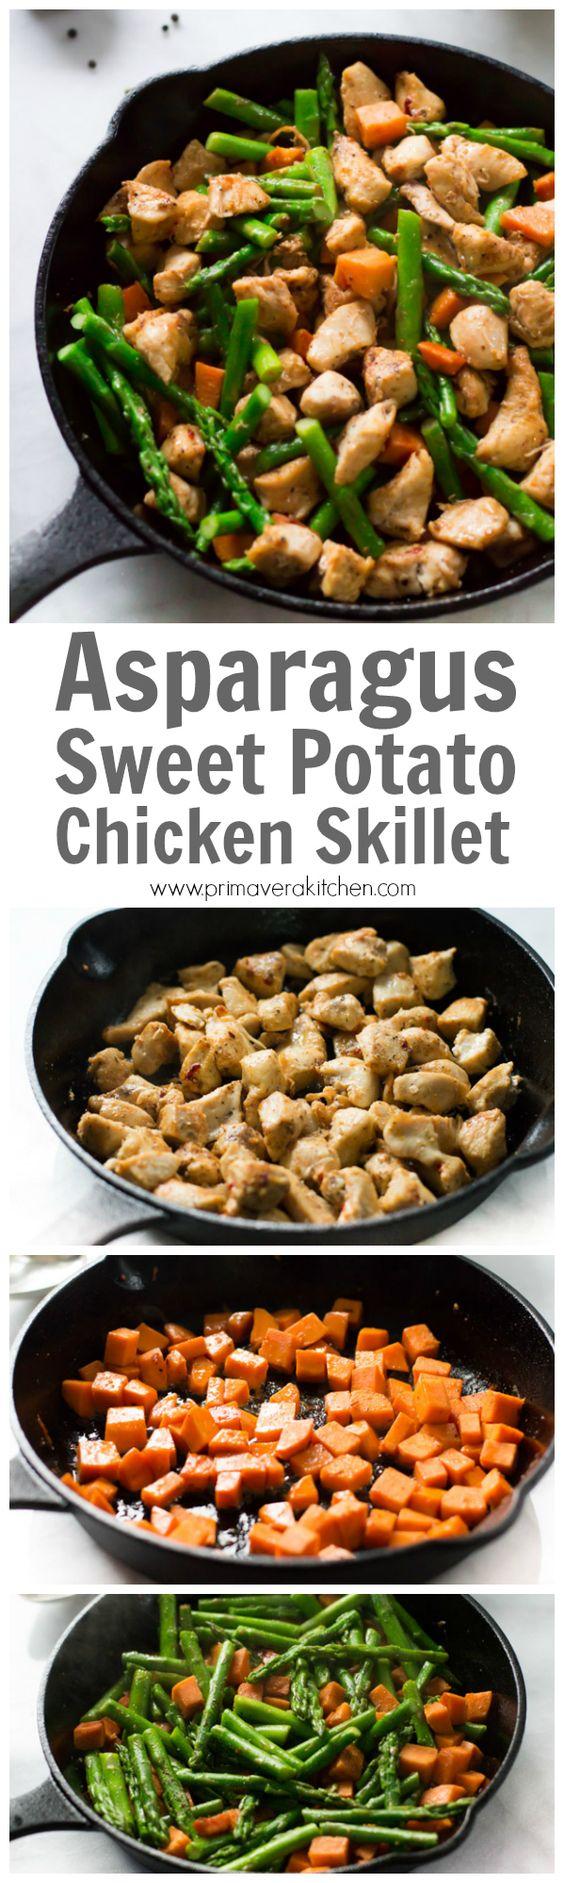 Chicken skillet recipes, Skillet recipes and Skillets